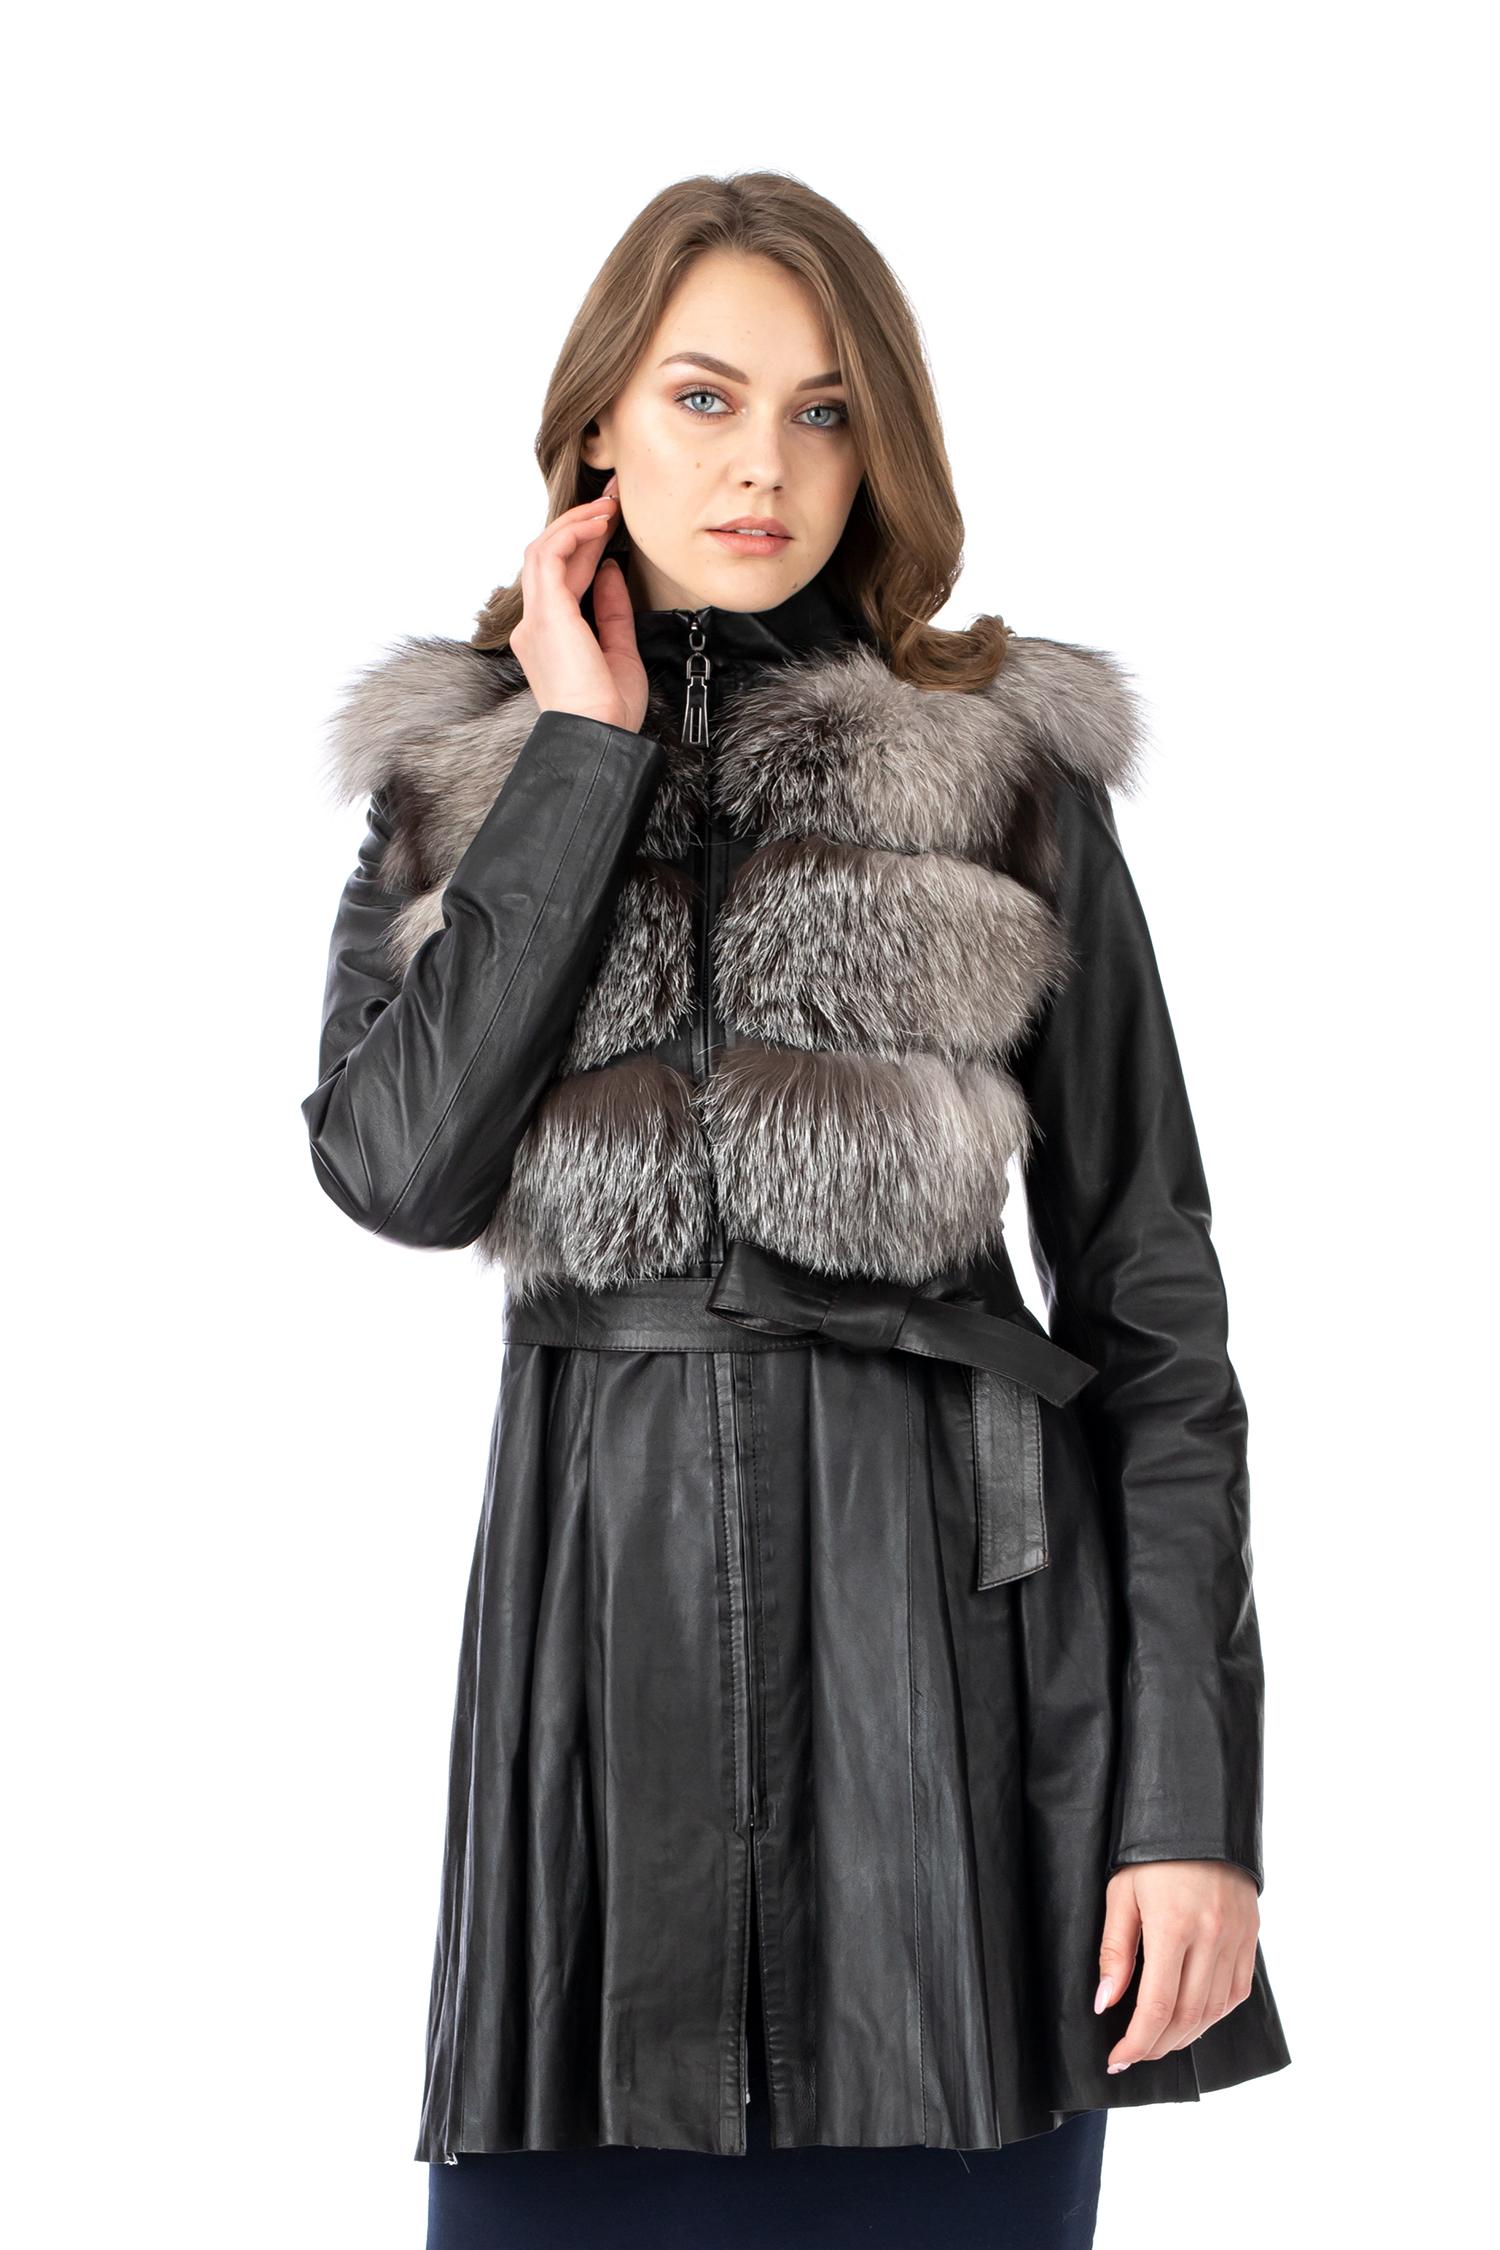 Купить со скидкой Женское кожаное пальто из натуральной кожи с воротником, отделка лиса